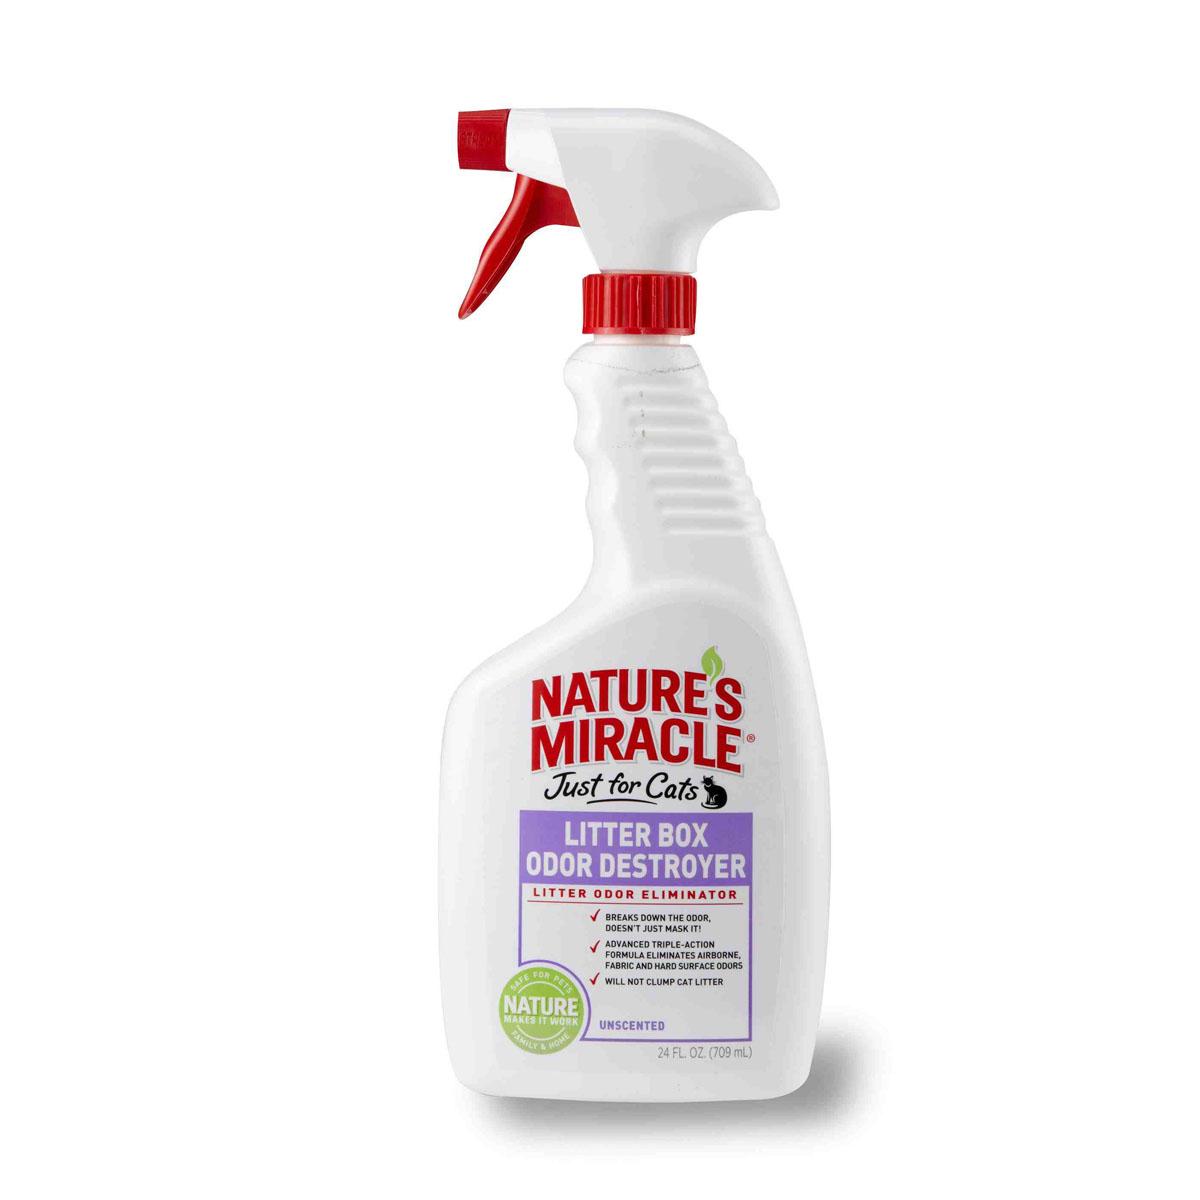 Спрей 8 in 1 Natures Miracle, для устранения запаха кошачьего туалета, 709 млMB05-01310Спрей 8 in 1 Natures Miracle нейтрализует резкие запахи в кошачьем туалете, в воздухе, натканях и твердых поверхностях! Технология захвата запахов начинает устранять даже самыестойкие запахи туалета сразу после контакта с ними. Безопасен для использования с любыминаполнителями и на любых поверхностях. Другие уничтожители неприятного запаха толькомаскируют запах от первоисточника, в то время как инновационная формула спрея вступаетв контакт с неприятными запахами, устраняя их с любой поверхности. Не содержитароматизаторов и не раздражает кошек. Может использоваться с любыми наполнителями, некомкует наполнители. Распылите средство в воздухе или в туалет животного, на егоподстилку, клетки, диваны, ковры или любое другое место, которое посещает ваша кошка!При правильном применении безопасен для использования вблизи детей и животных.Способ применения: Устранение запахов в кошачьем туалете: обильно распылите в кошачьем туалете после использования кошкой. Устранение запахов в воздухе: Обильно распылите в воздухе. Устранение запахов с тканей:1) Перед использованием обязательно протестируйте поверхность на цветоустойчивость. 2) Равномерно распылите средство на поверхность ткани, чтобы она стала немного влажной. 3) Не рекомендуется использовать на коже и шелке. Удаление запахов с твердых поверхностей:1) Равномерно распылите средство на обрабатываемую поверхность, чтобы она стала немного влажной.2) Вытрите излишки тканью.Состав: вода, натуральные ферменты, изопропиловый спирт, натуральный цитрусовый ароматизатор. Товар сертифицирован. .